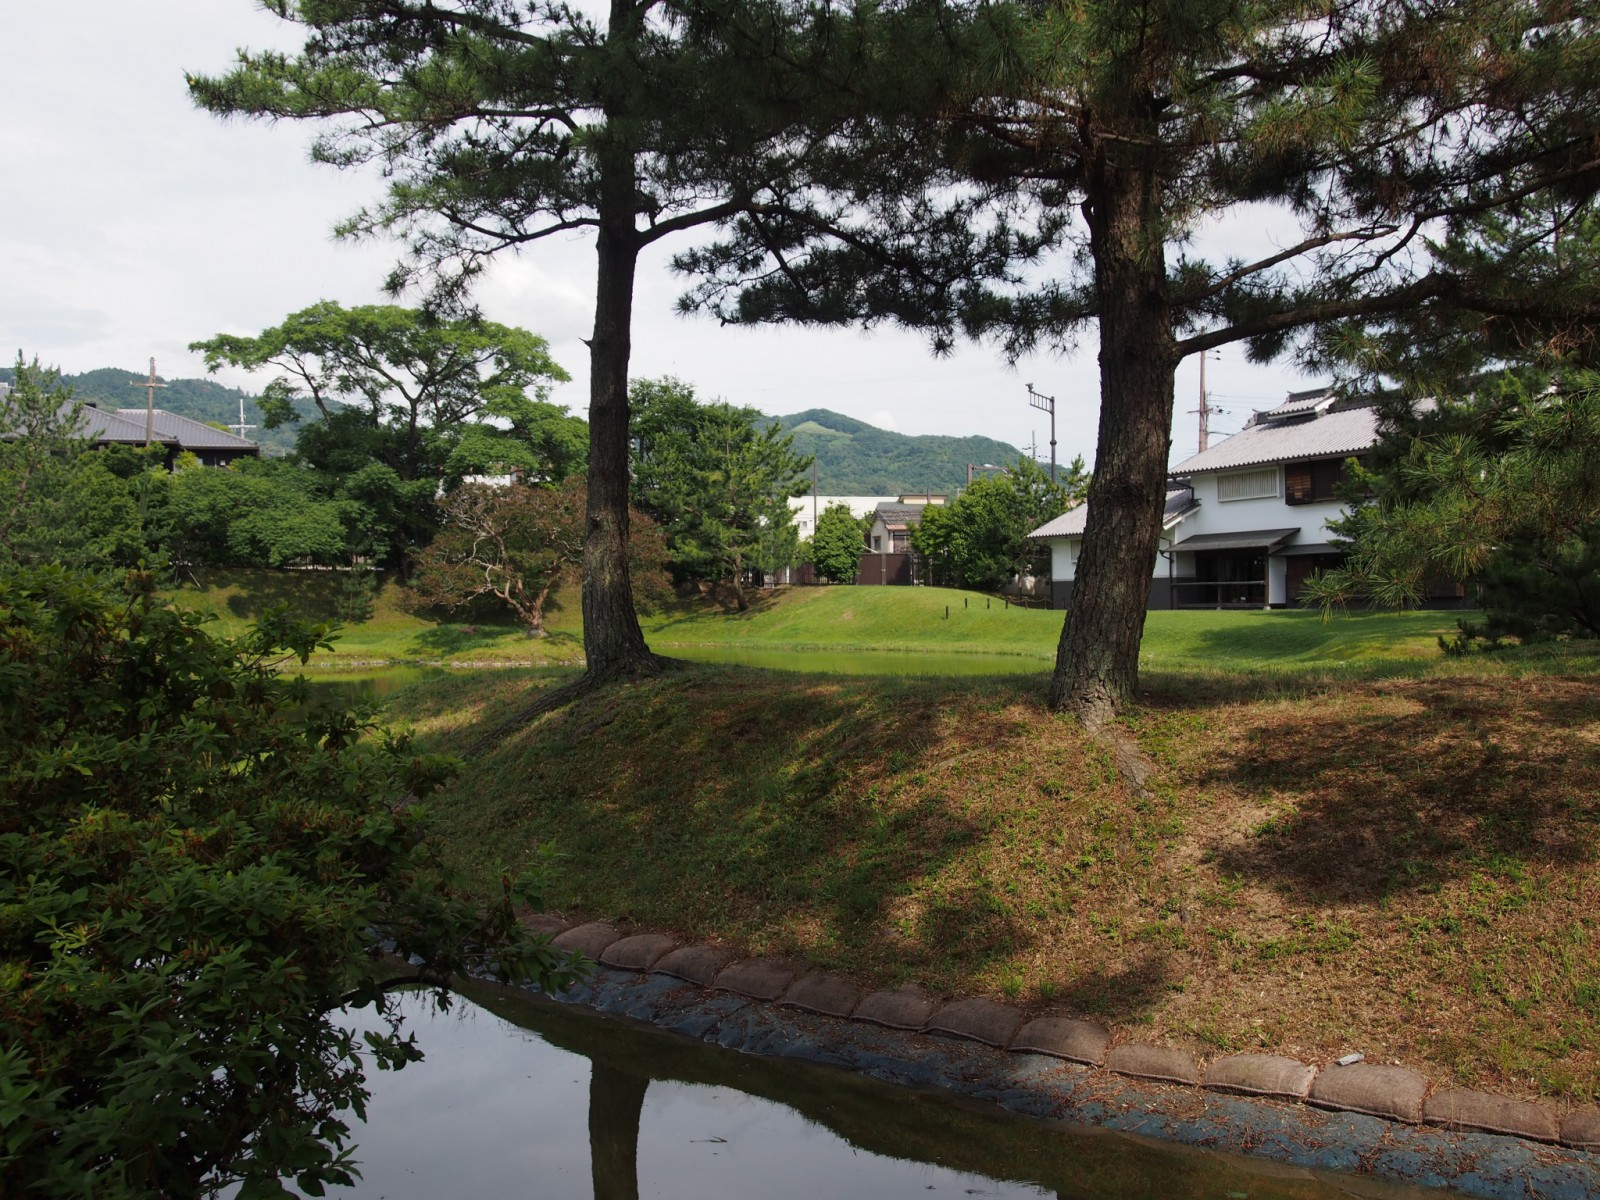 旧大乗院庭園から高円山と文化館の建物を望む